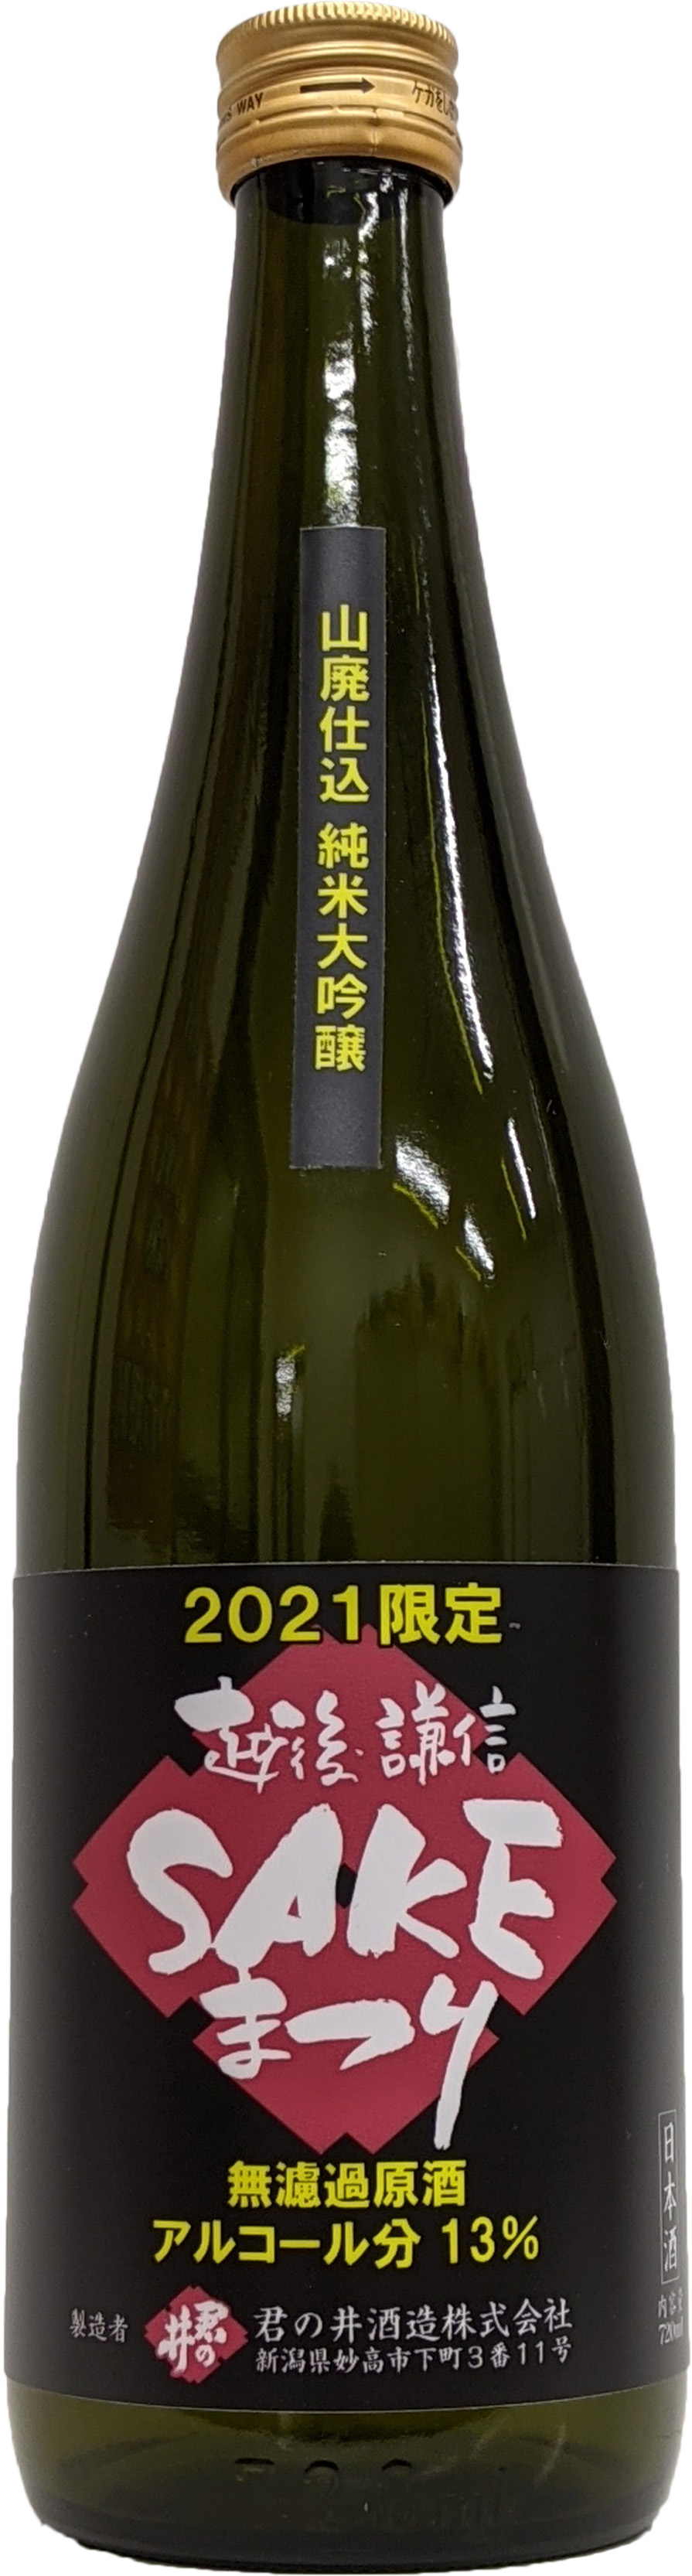 sakeまつり2021